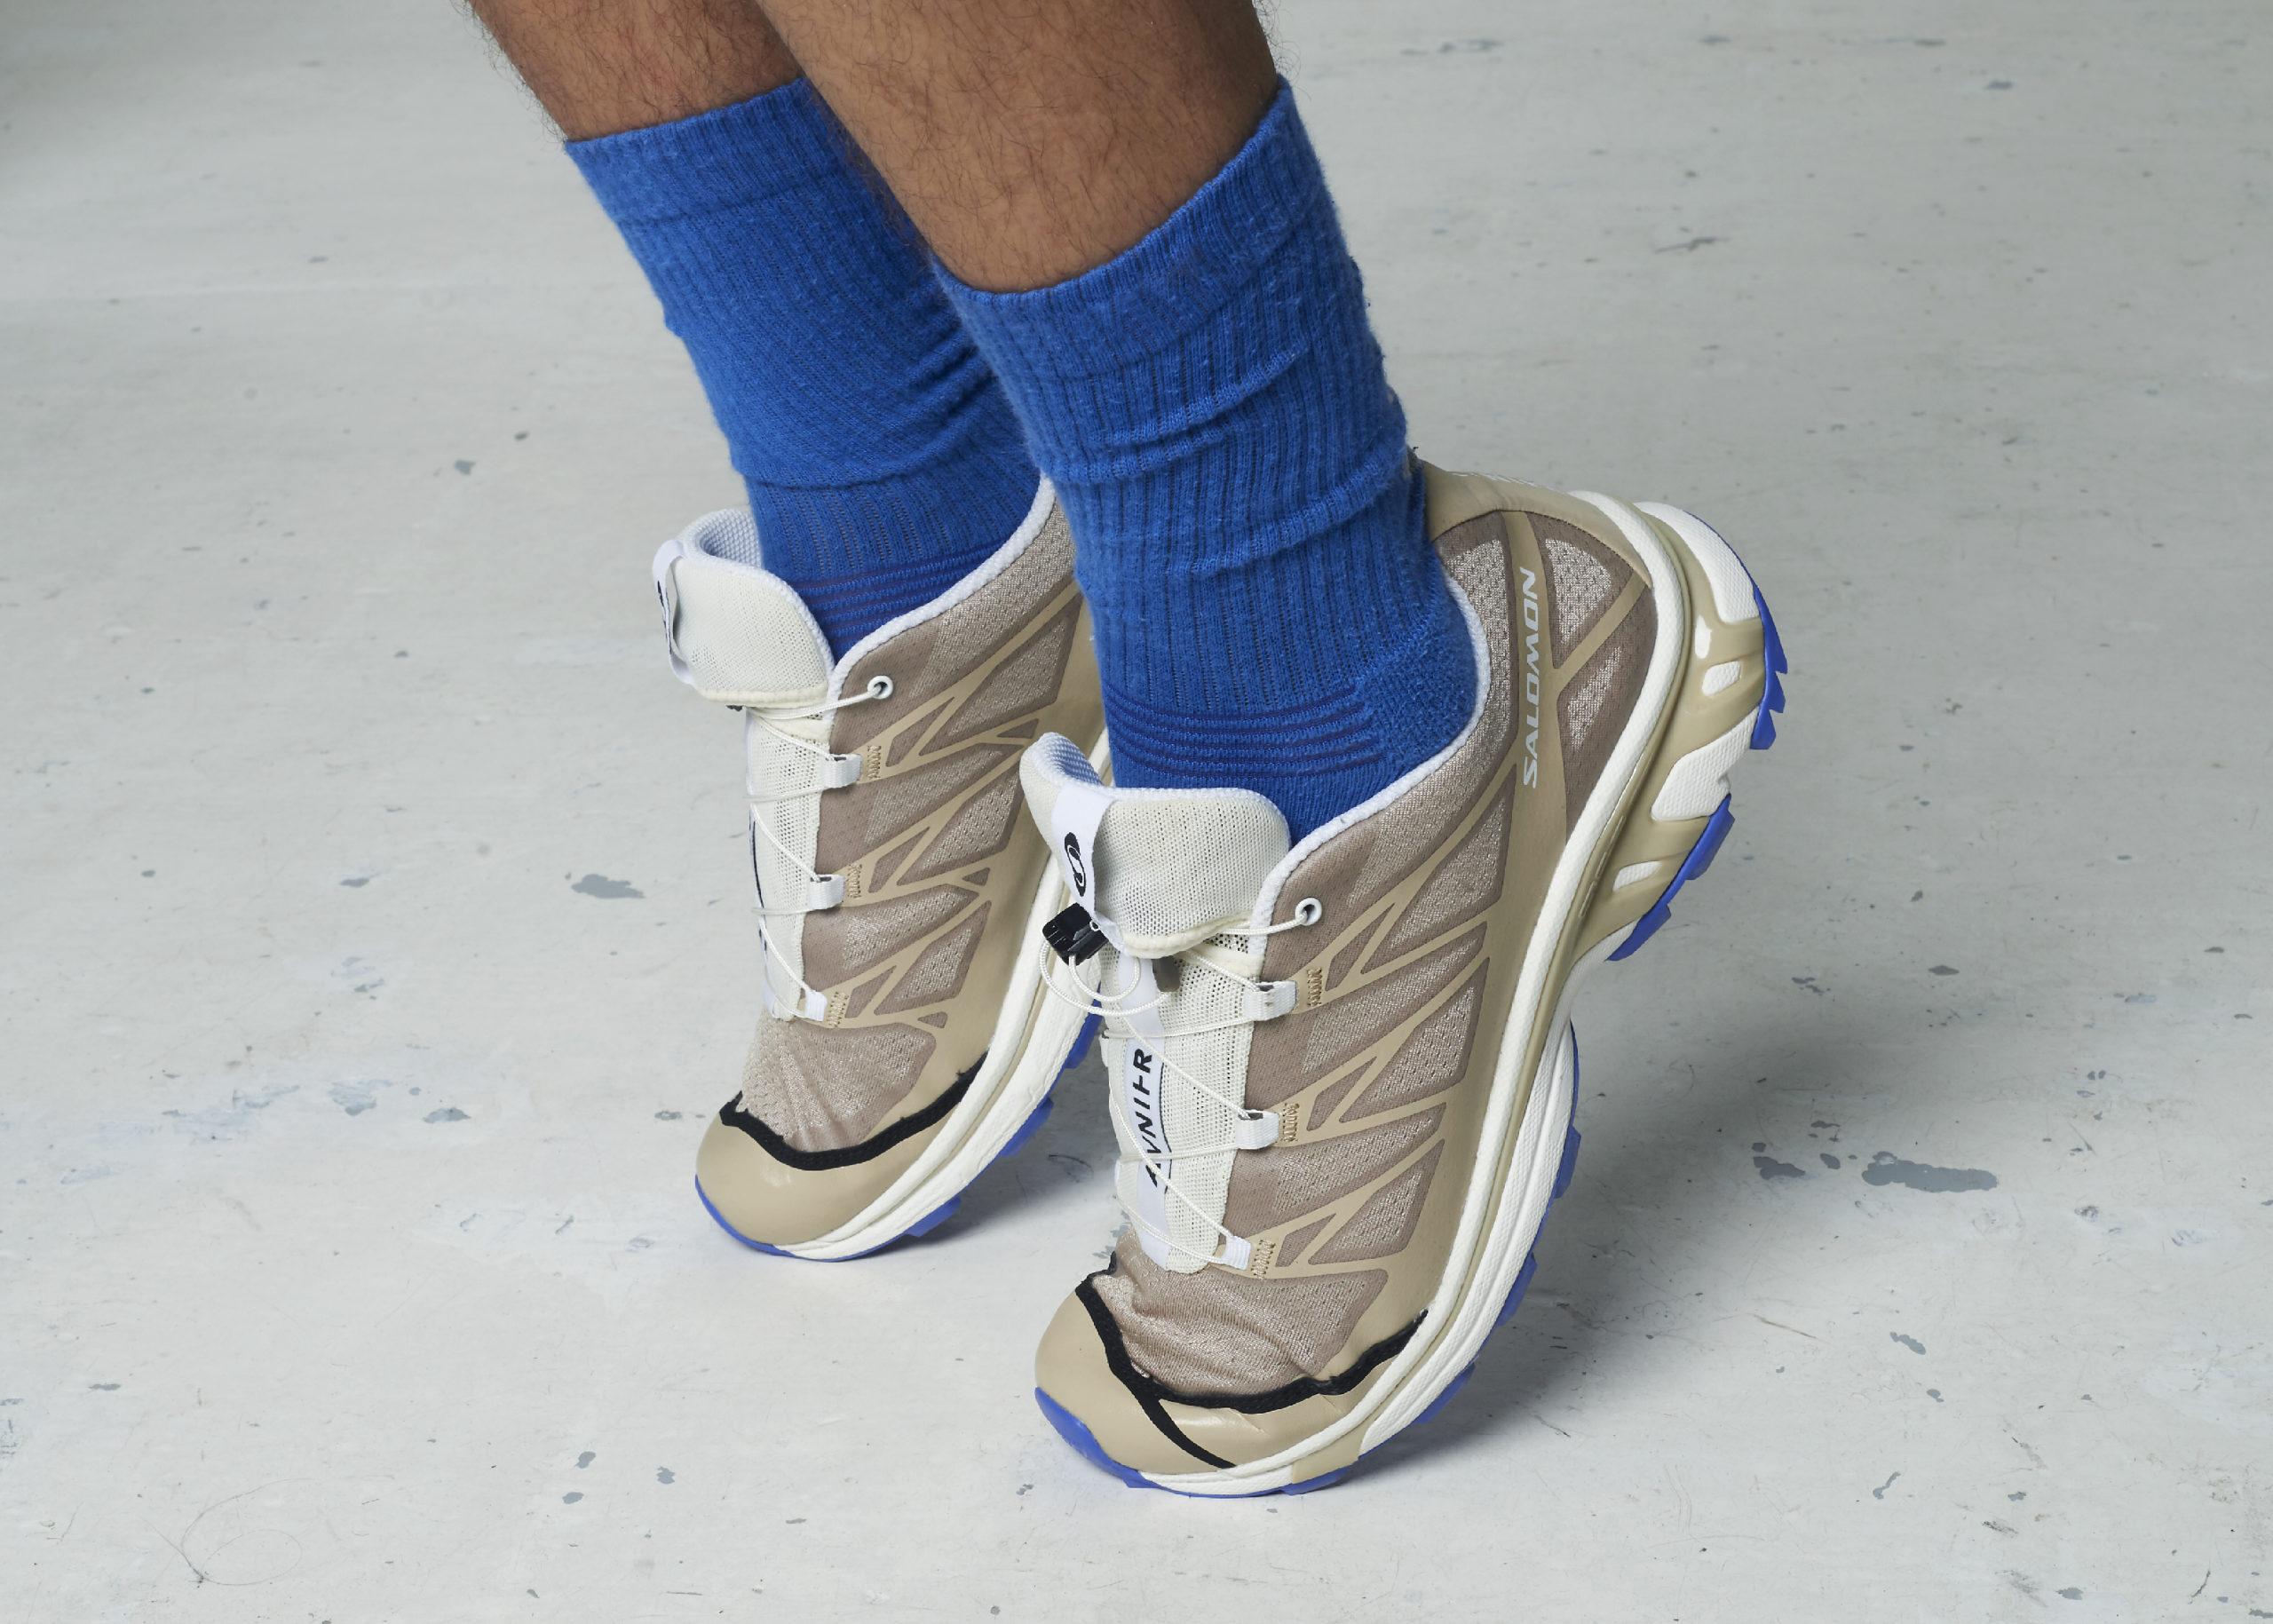 Salomon links up with Avnier for Latest Sneaker